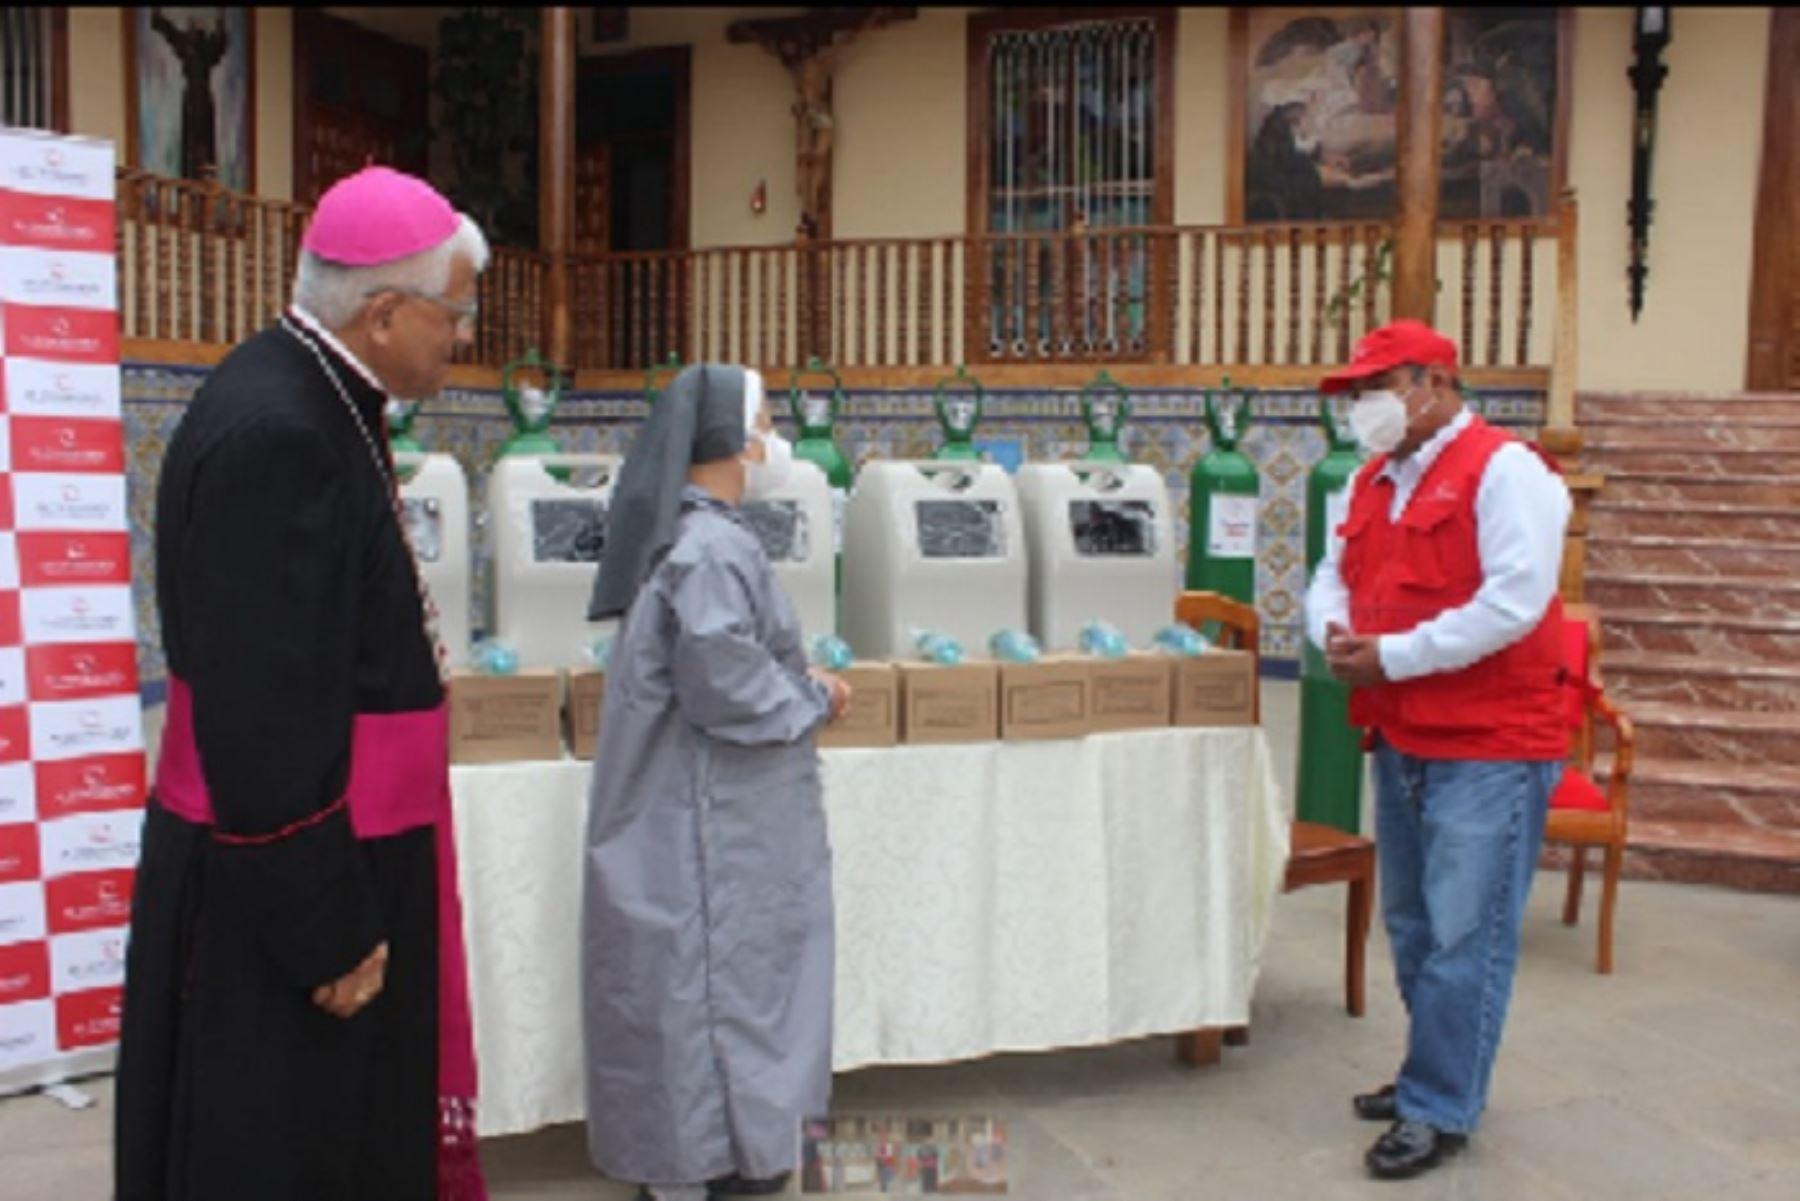 Miguel Cabrejos Vidarte, arzobispo de Trujillo y presidente de la Conferencia Episcopal Peruana, informó que la decisión de implementar la planta de oxígeno en dicho nosocomio pasa por recomendaciones del Colegio Médico de La Libertad.